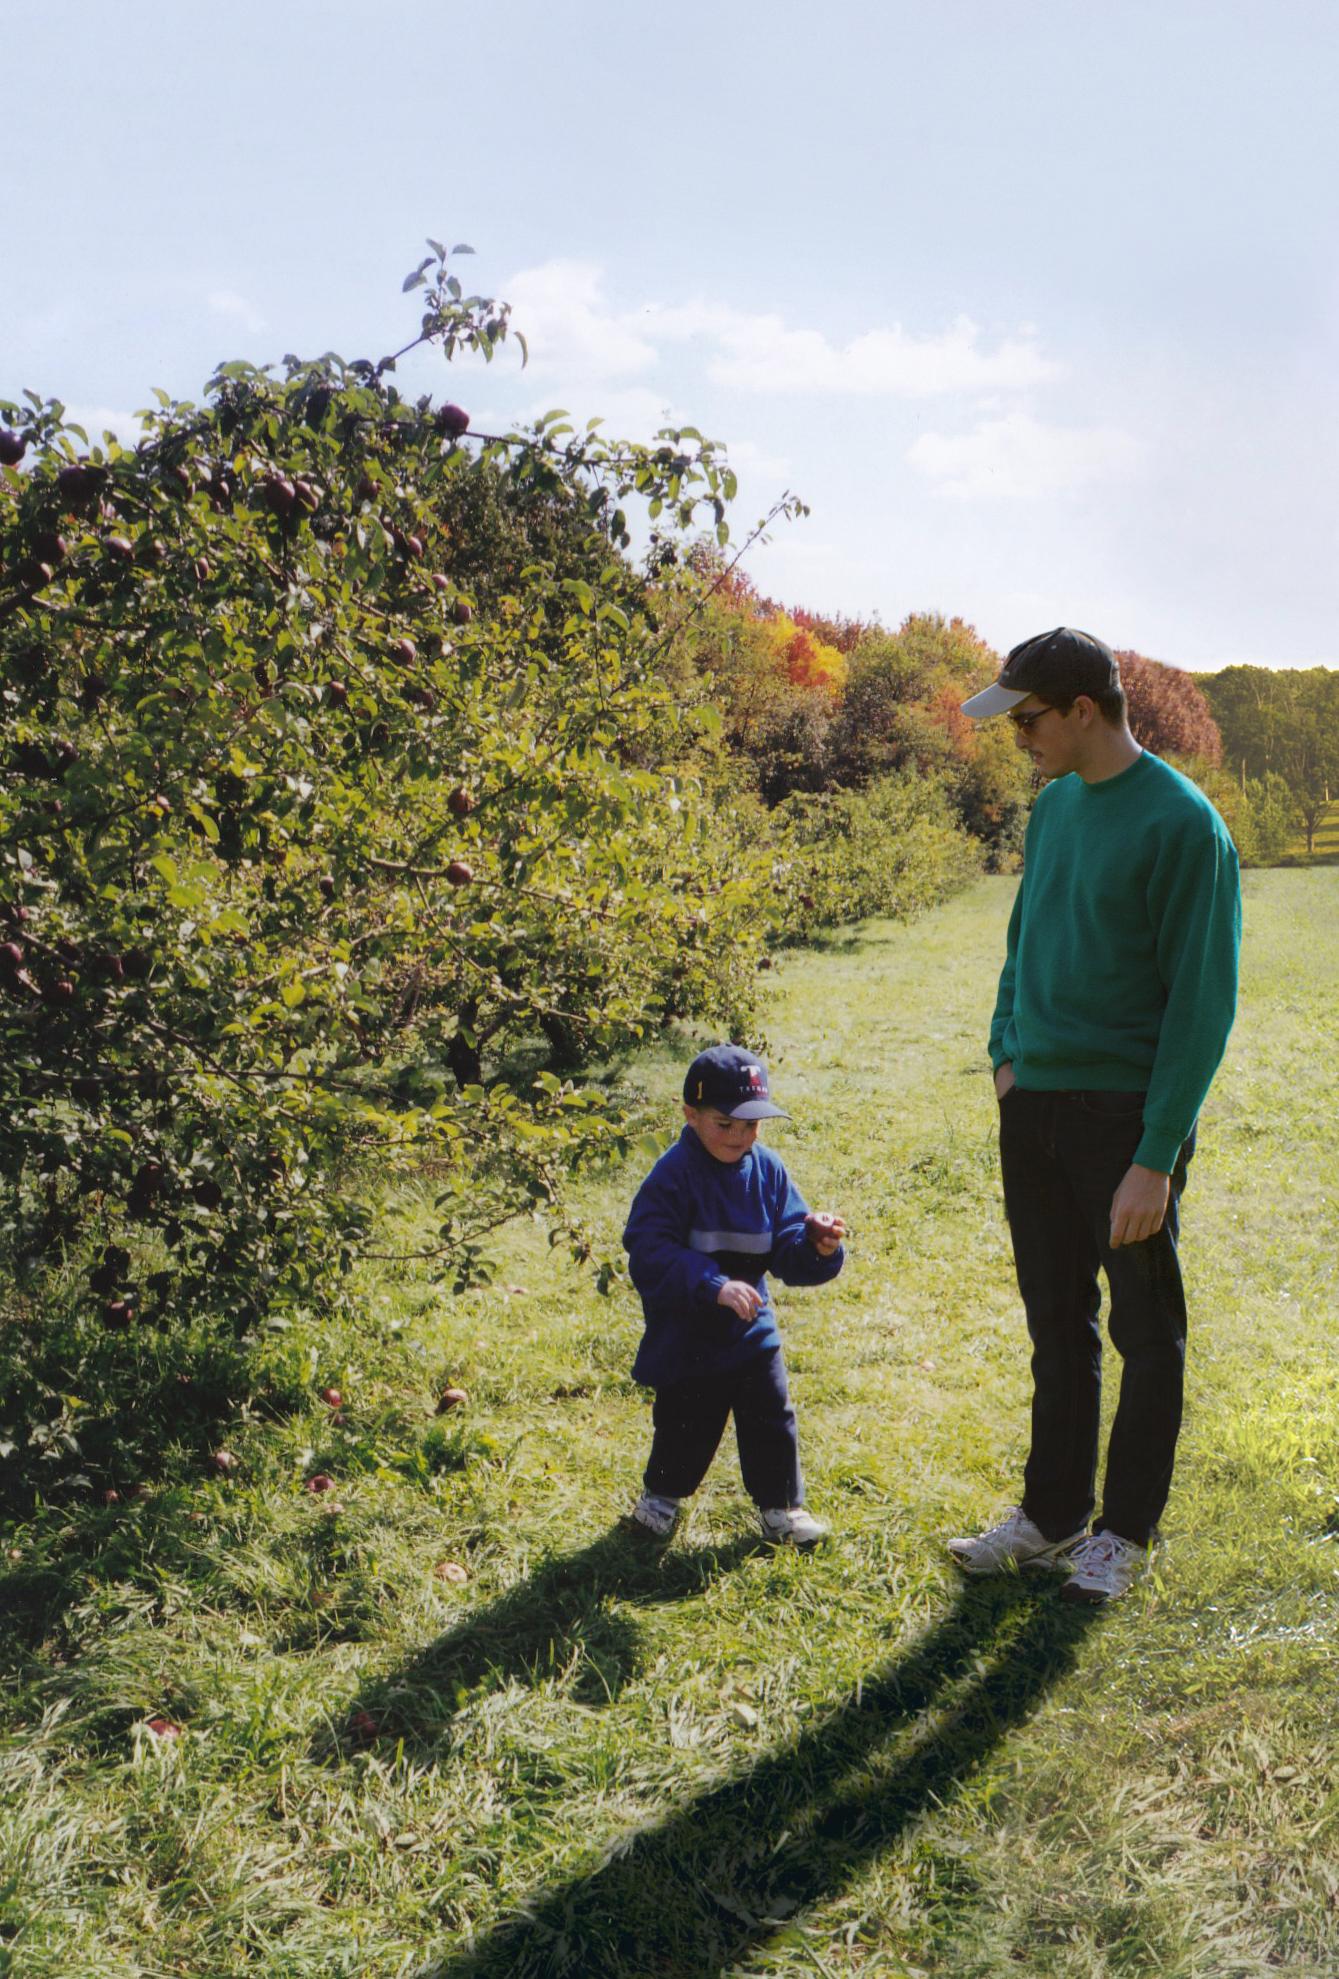 Mały chłopiec i mężczyzna w ogrodzie